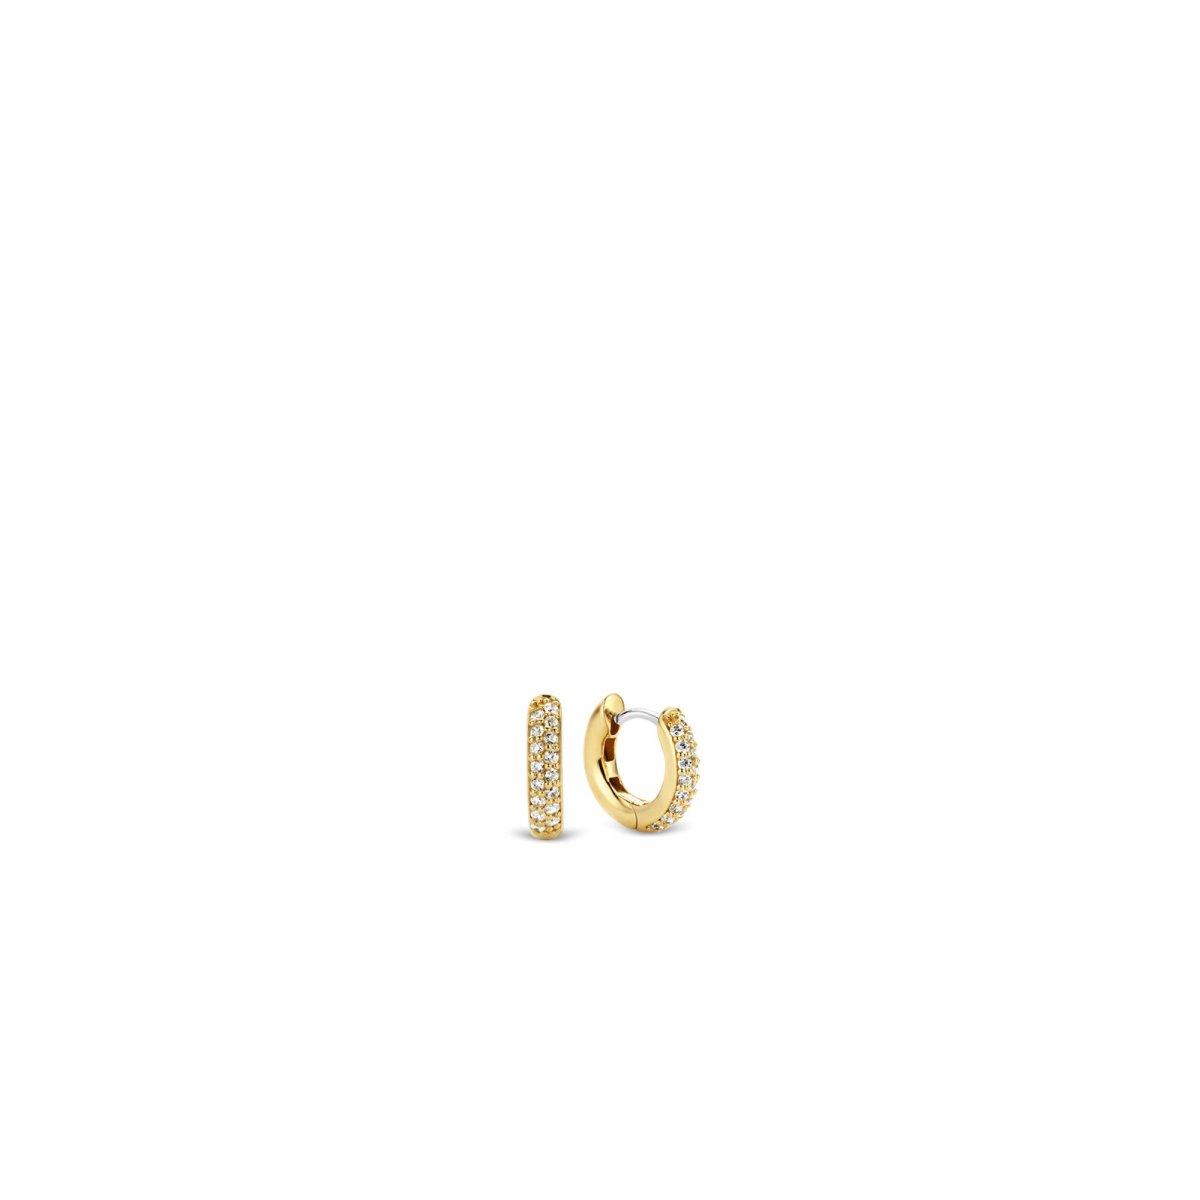 Zlaté kruhové náušnice TI SENTO so zirkónmi